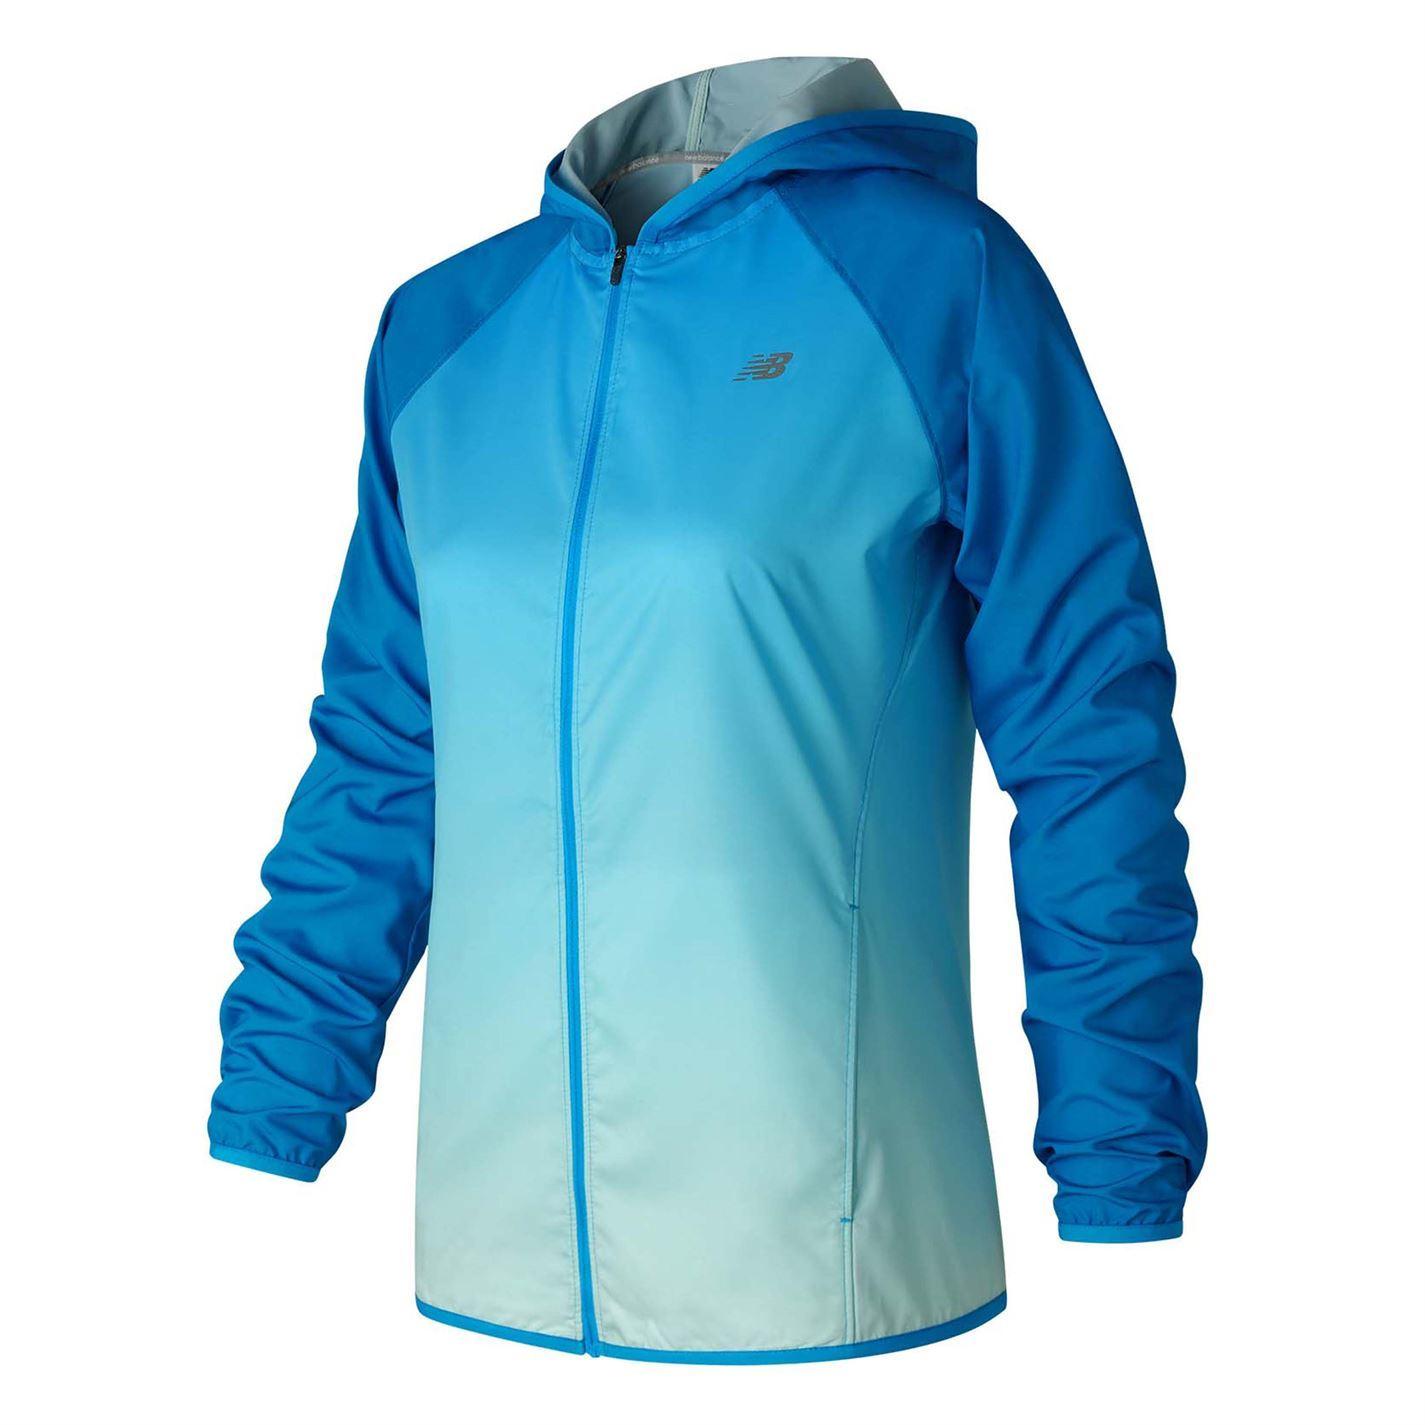 New Balance Hombre Jkt Ladies Rain Jacket Coat Top